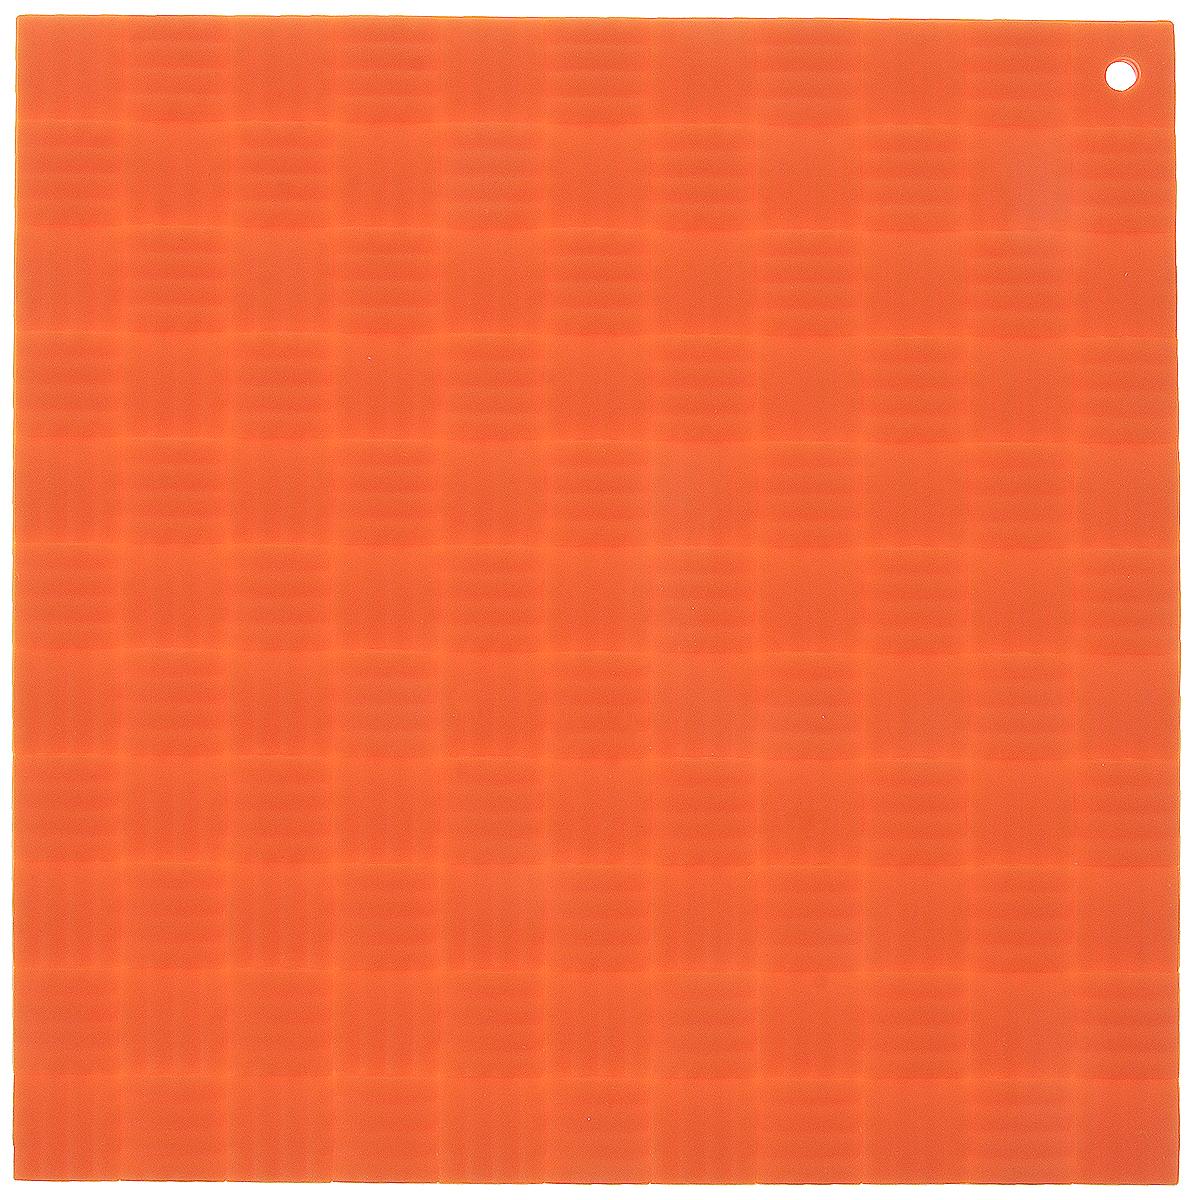 Подставка под горячее Paterra, силиконовая, цвет: оранжевый, 17,5 х 17,5 смVT-1520(SR)Подставка под горячее Paterra изготовлена из силикона и оснащена специальным отверстием для подвешивания. Материал позволяет выдерживать высокие температуры и не скользит по поверхности стола.Каждая хозяйка знает, что подставка под горячее - это незаменимый и очень полезный аксессуар на каждойкухне. Ваш стол будет не только украшен яркой и оригинальной подставкой, но и сбережен от воздействия высоких температур.